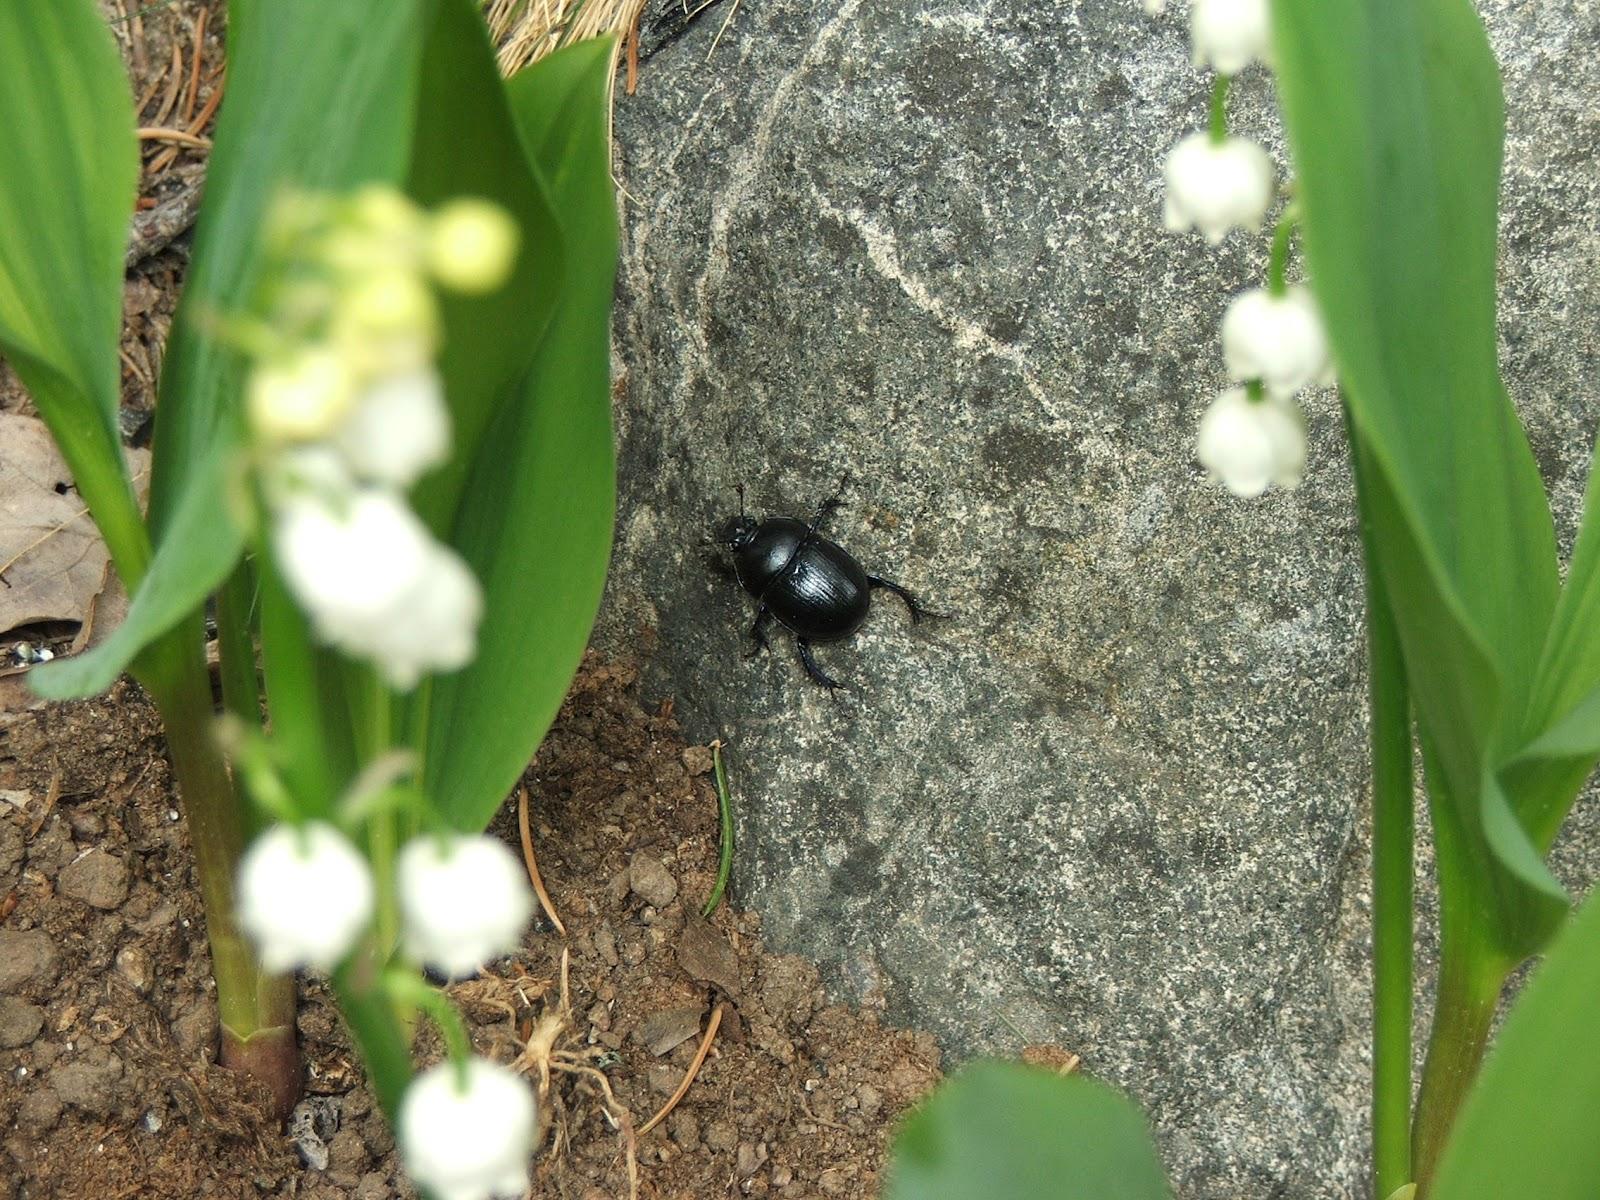 Rosor och akvileja, himla trädgård: lijekonvalj